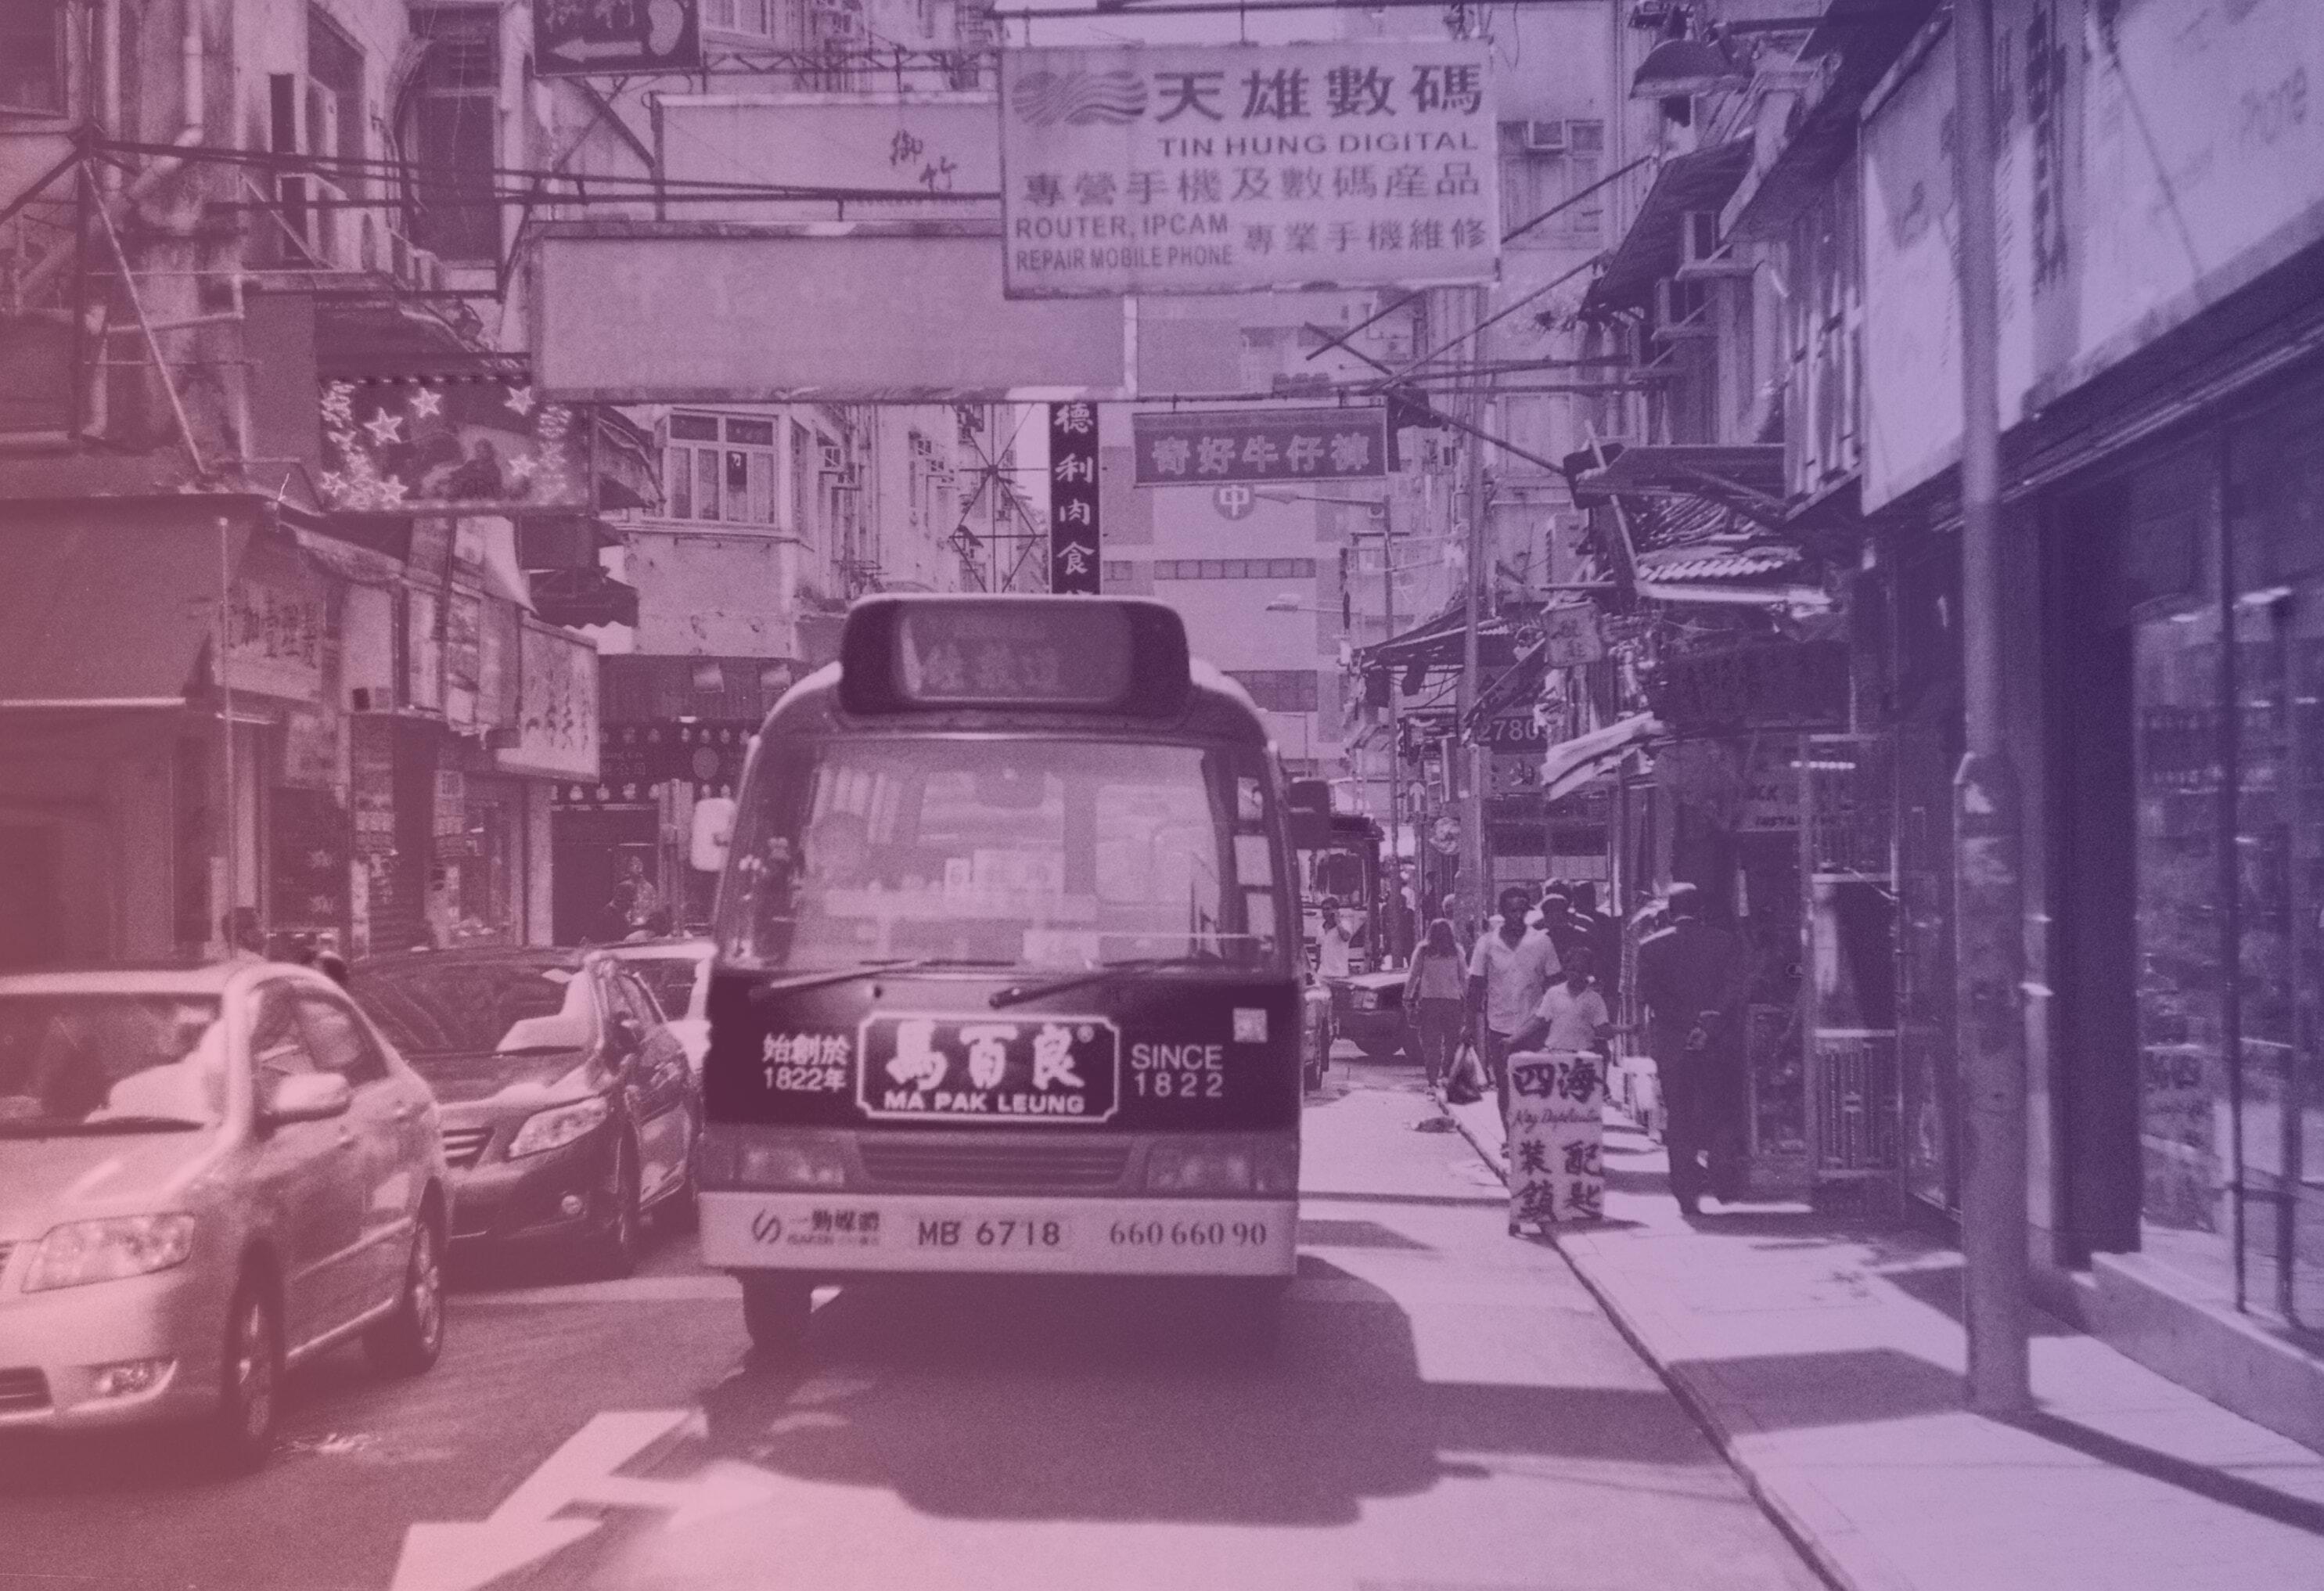 Hong Kong local fab funding